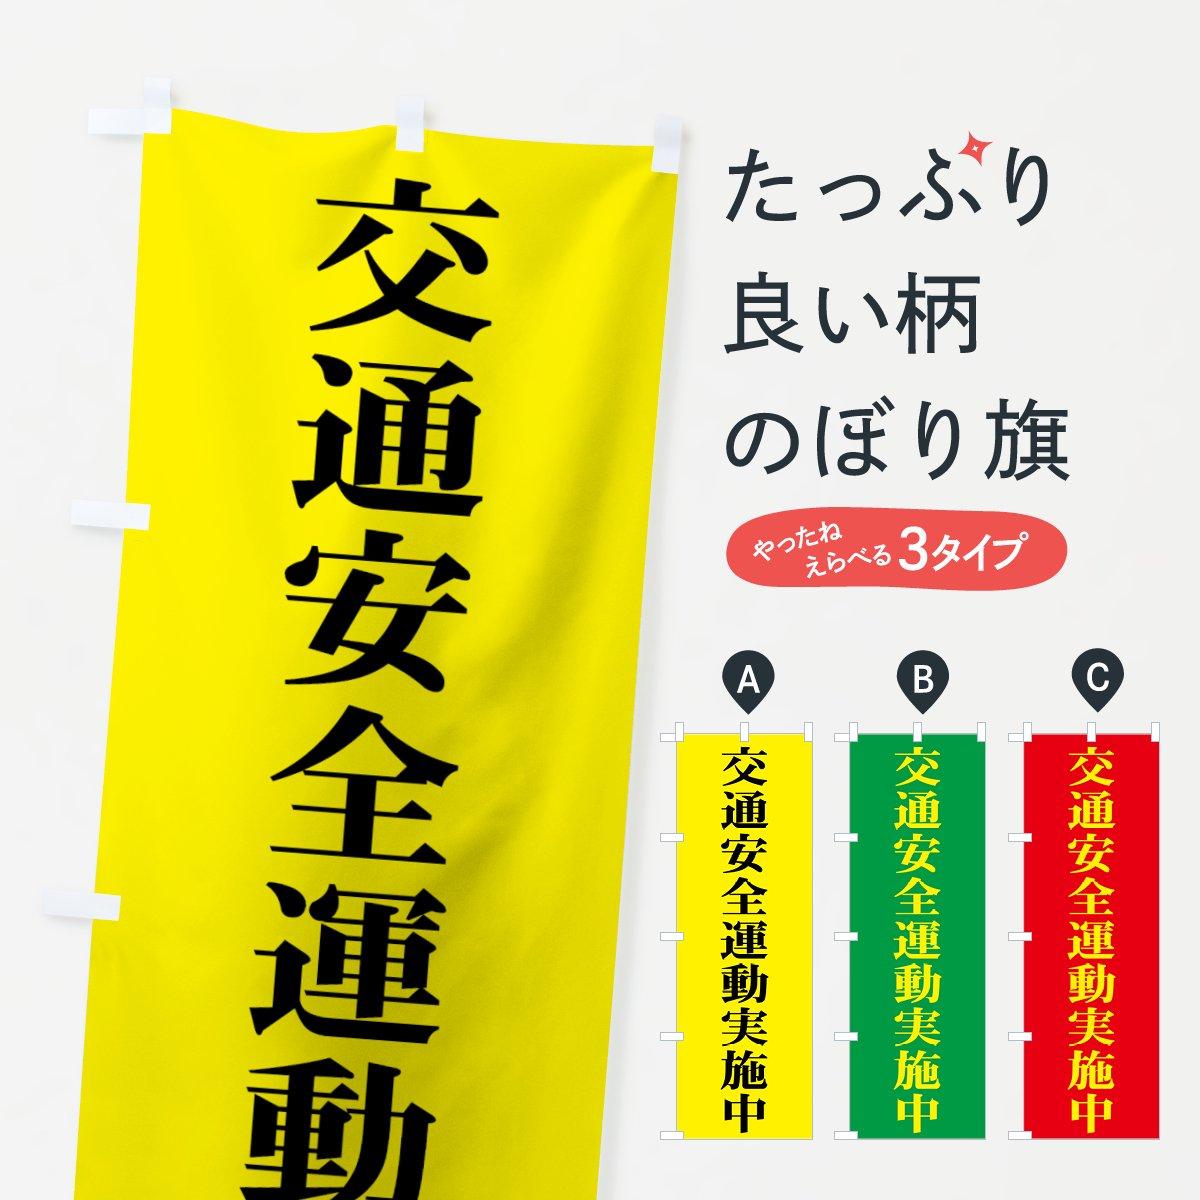 交通安全運動実施中のぼり旗